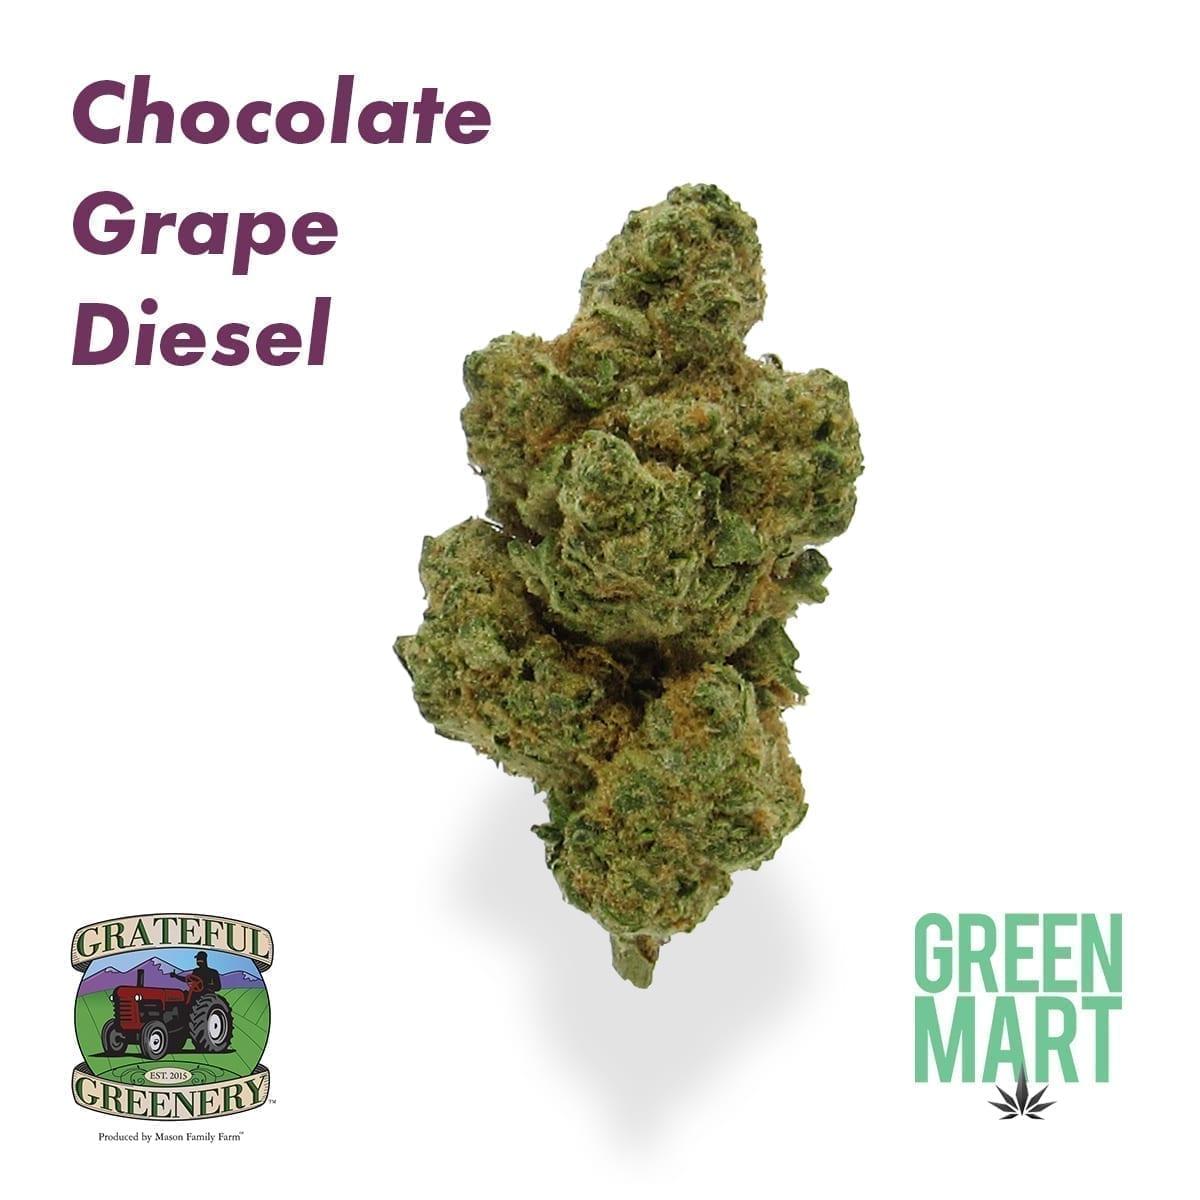 Chocolate Grape Diesel